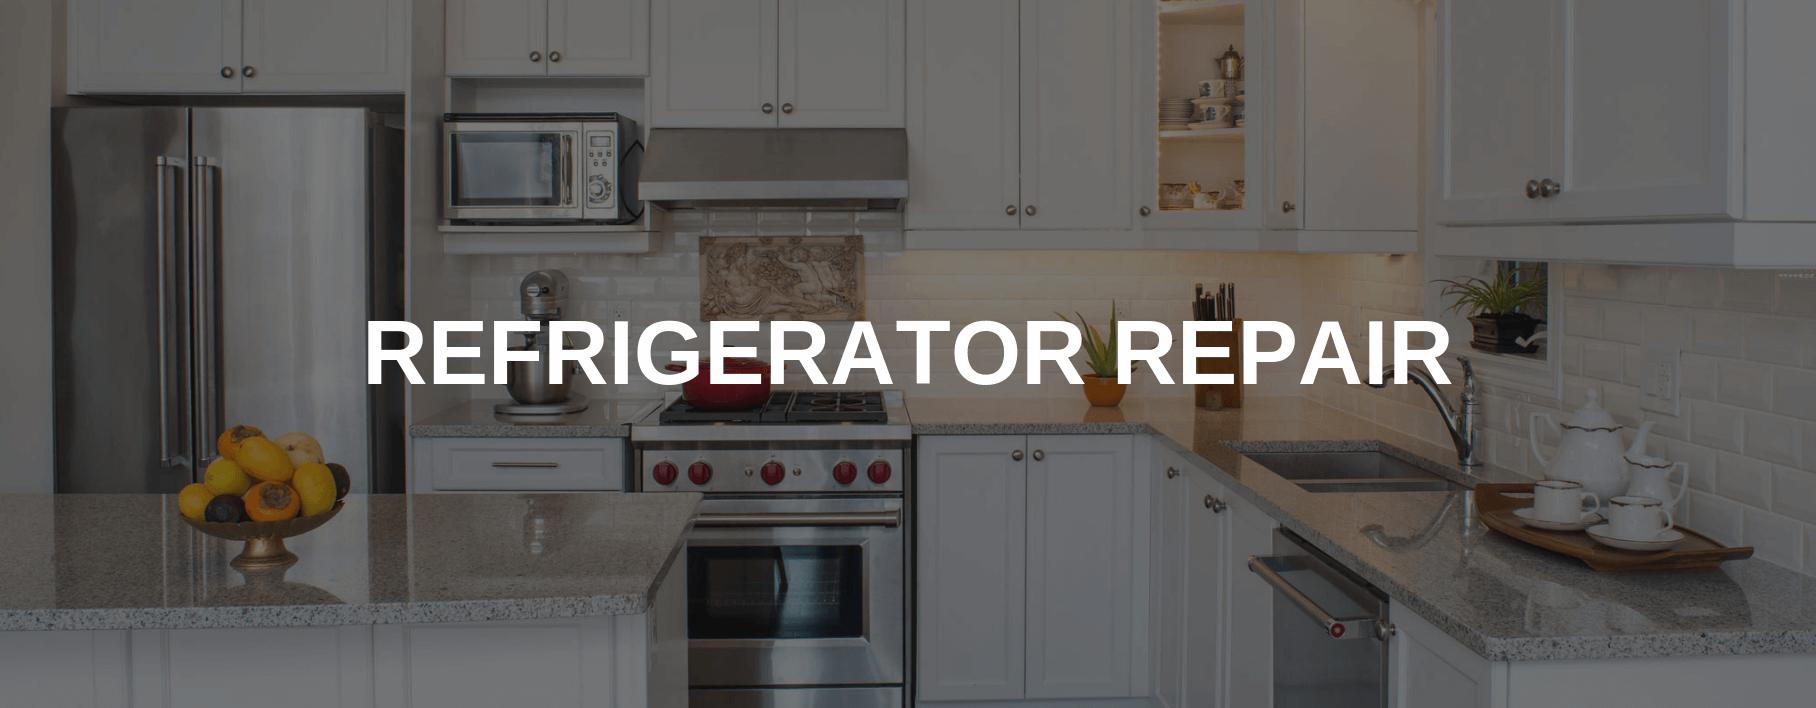 refrigerator repair henderson